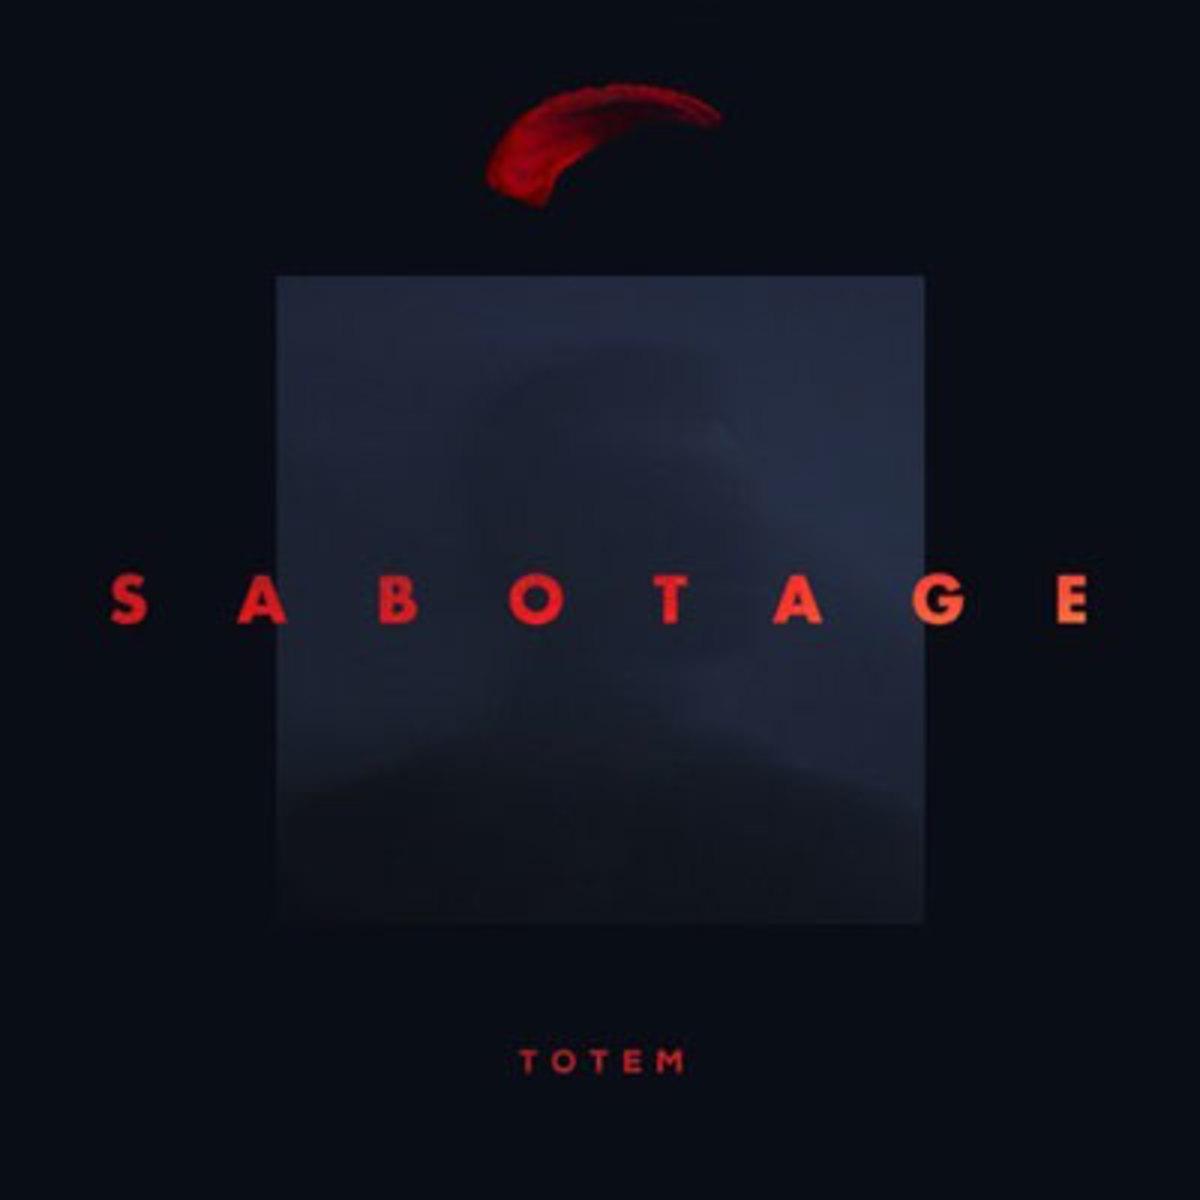 totem-sabotage.jpg